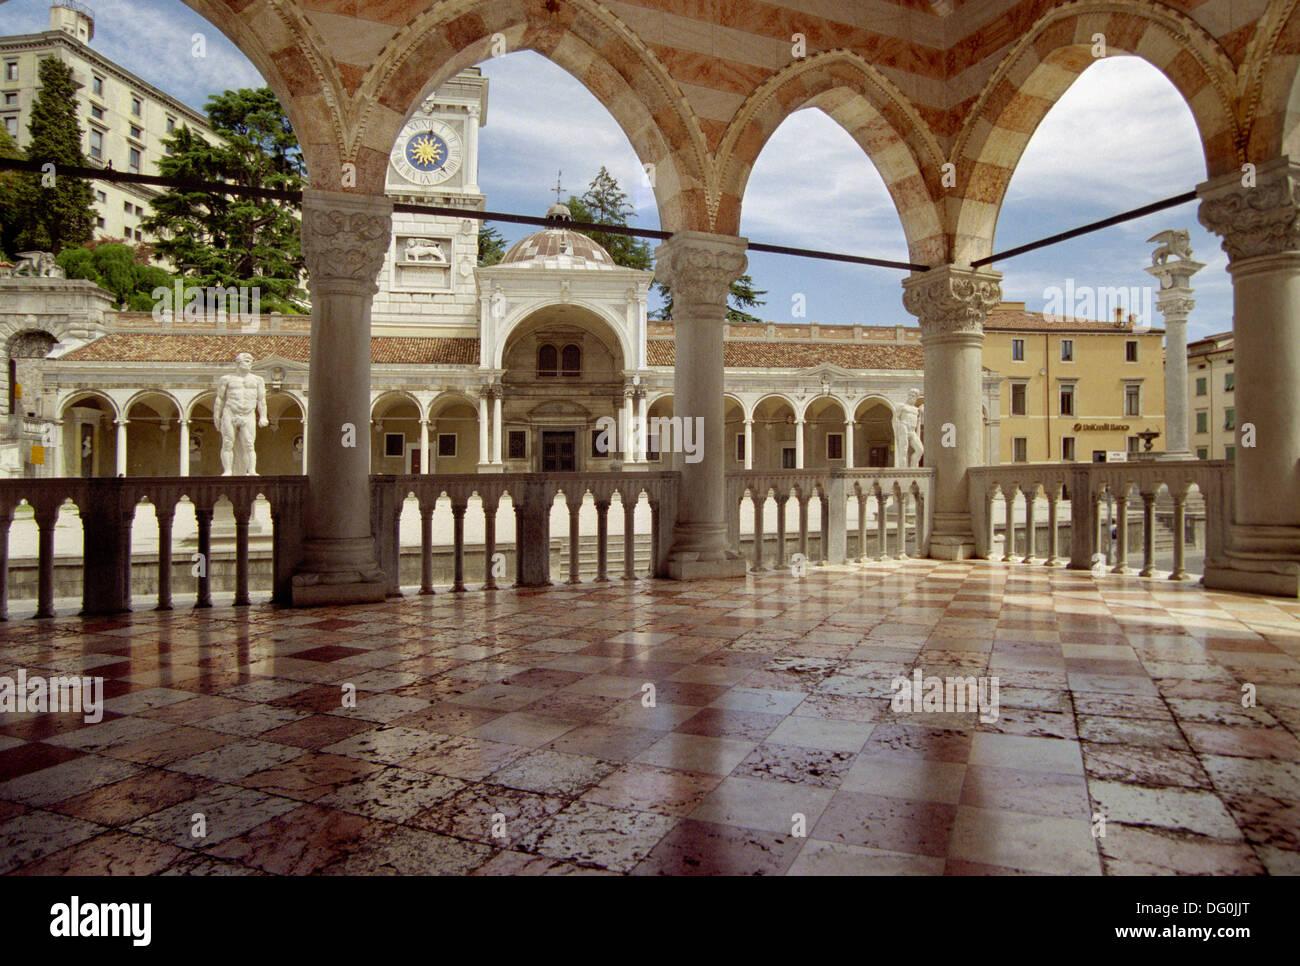 Italy, Friuli Venezia Giulia, Udine, Piazza della Libertà, Loggia del Lionello, Lionello Lodge. - Stock Image